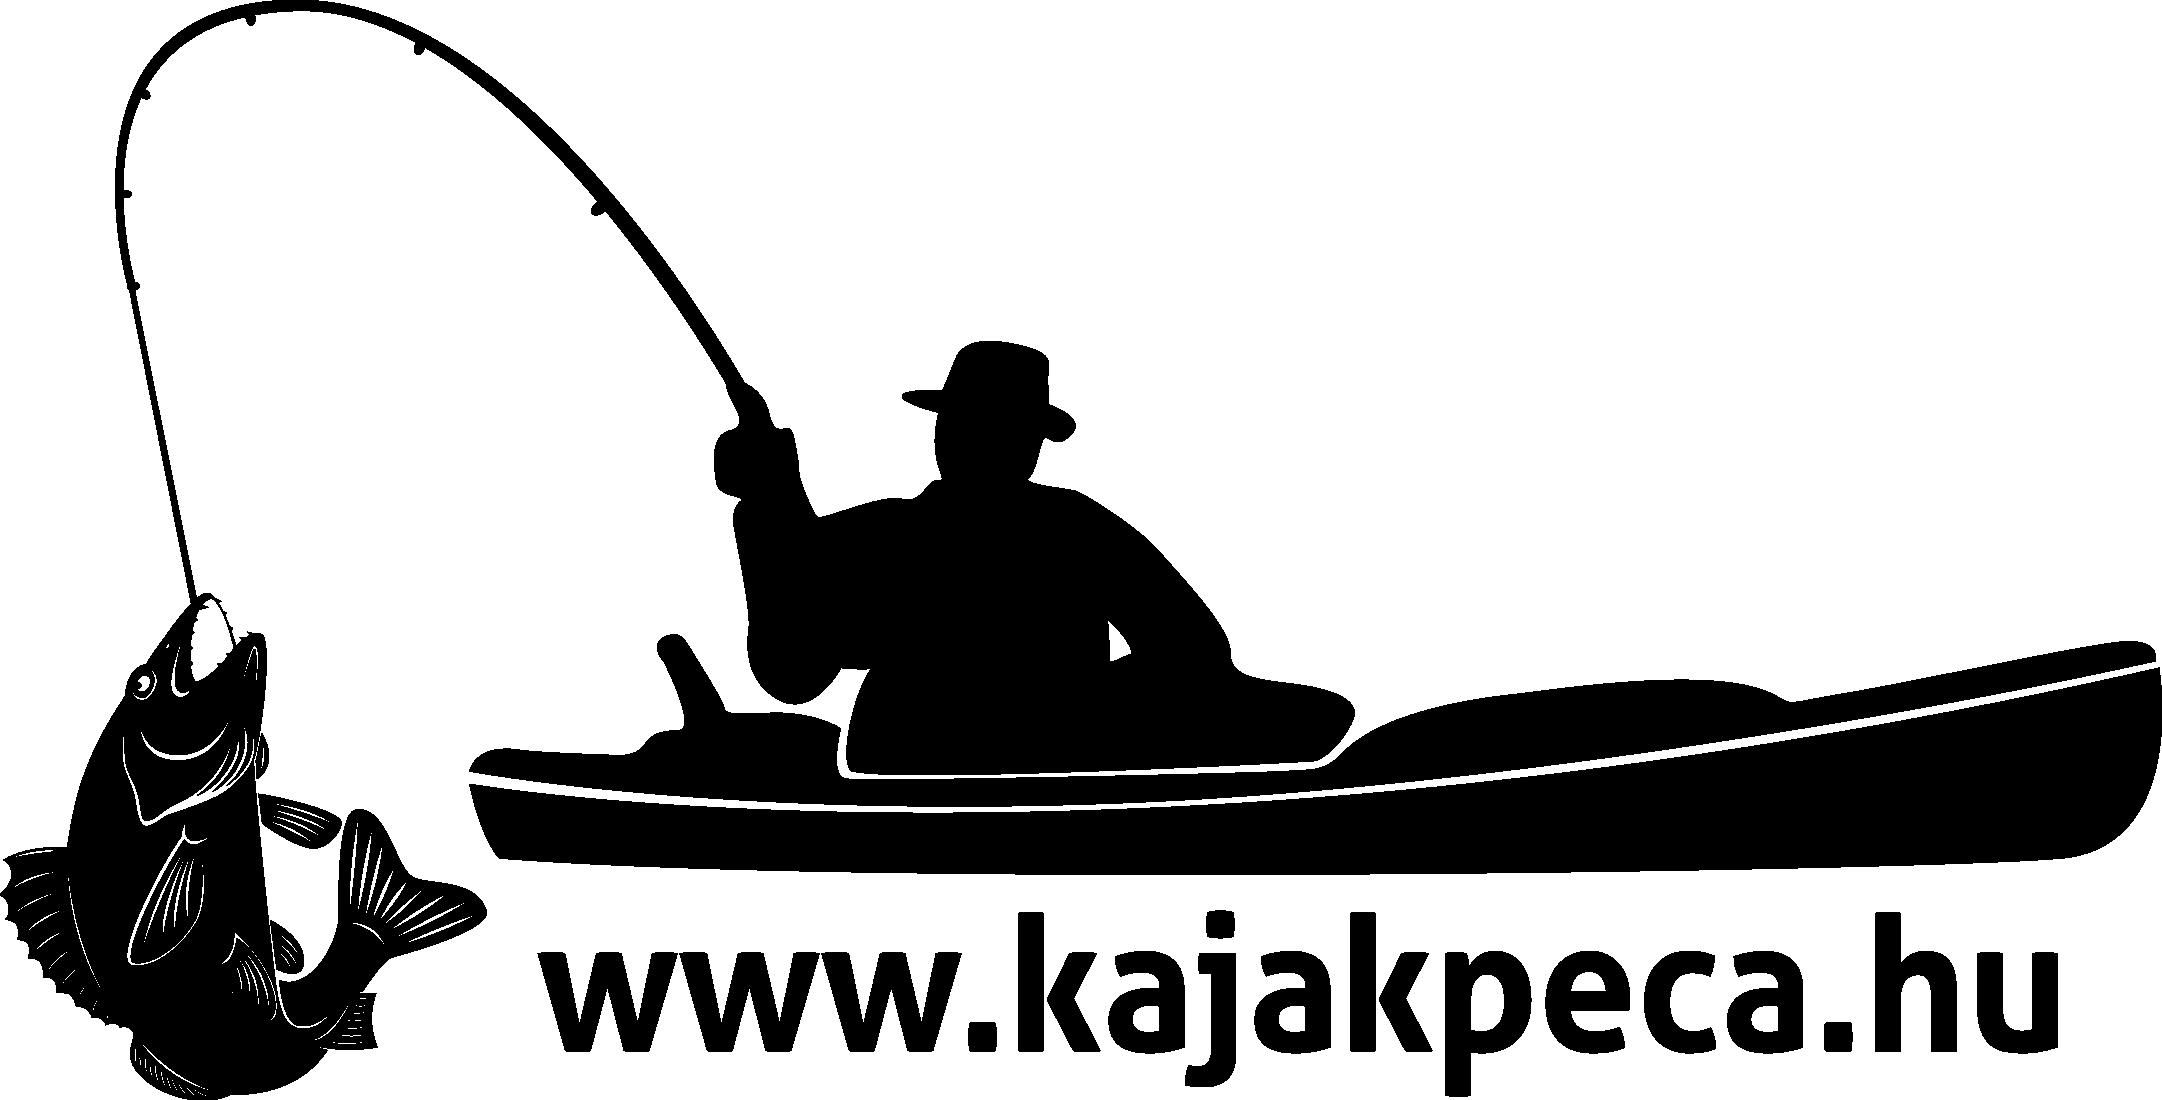 kajakpeca_logo